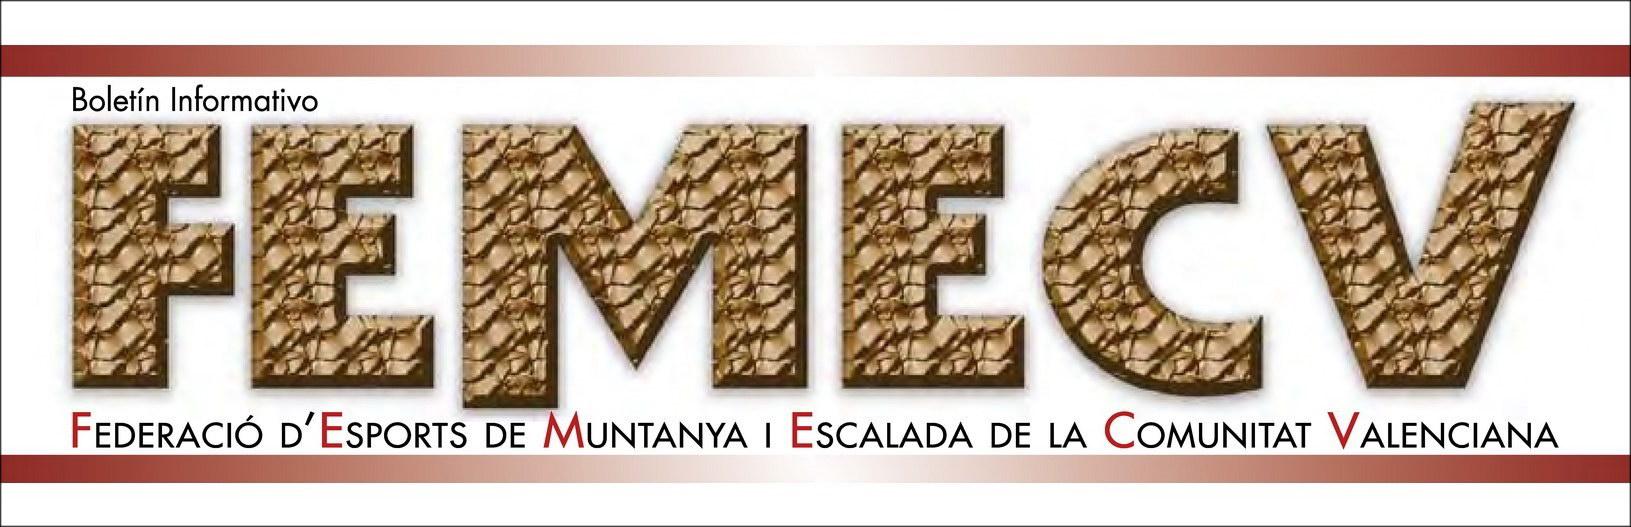 Boletín informativo FEMECV